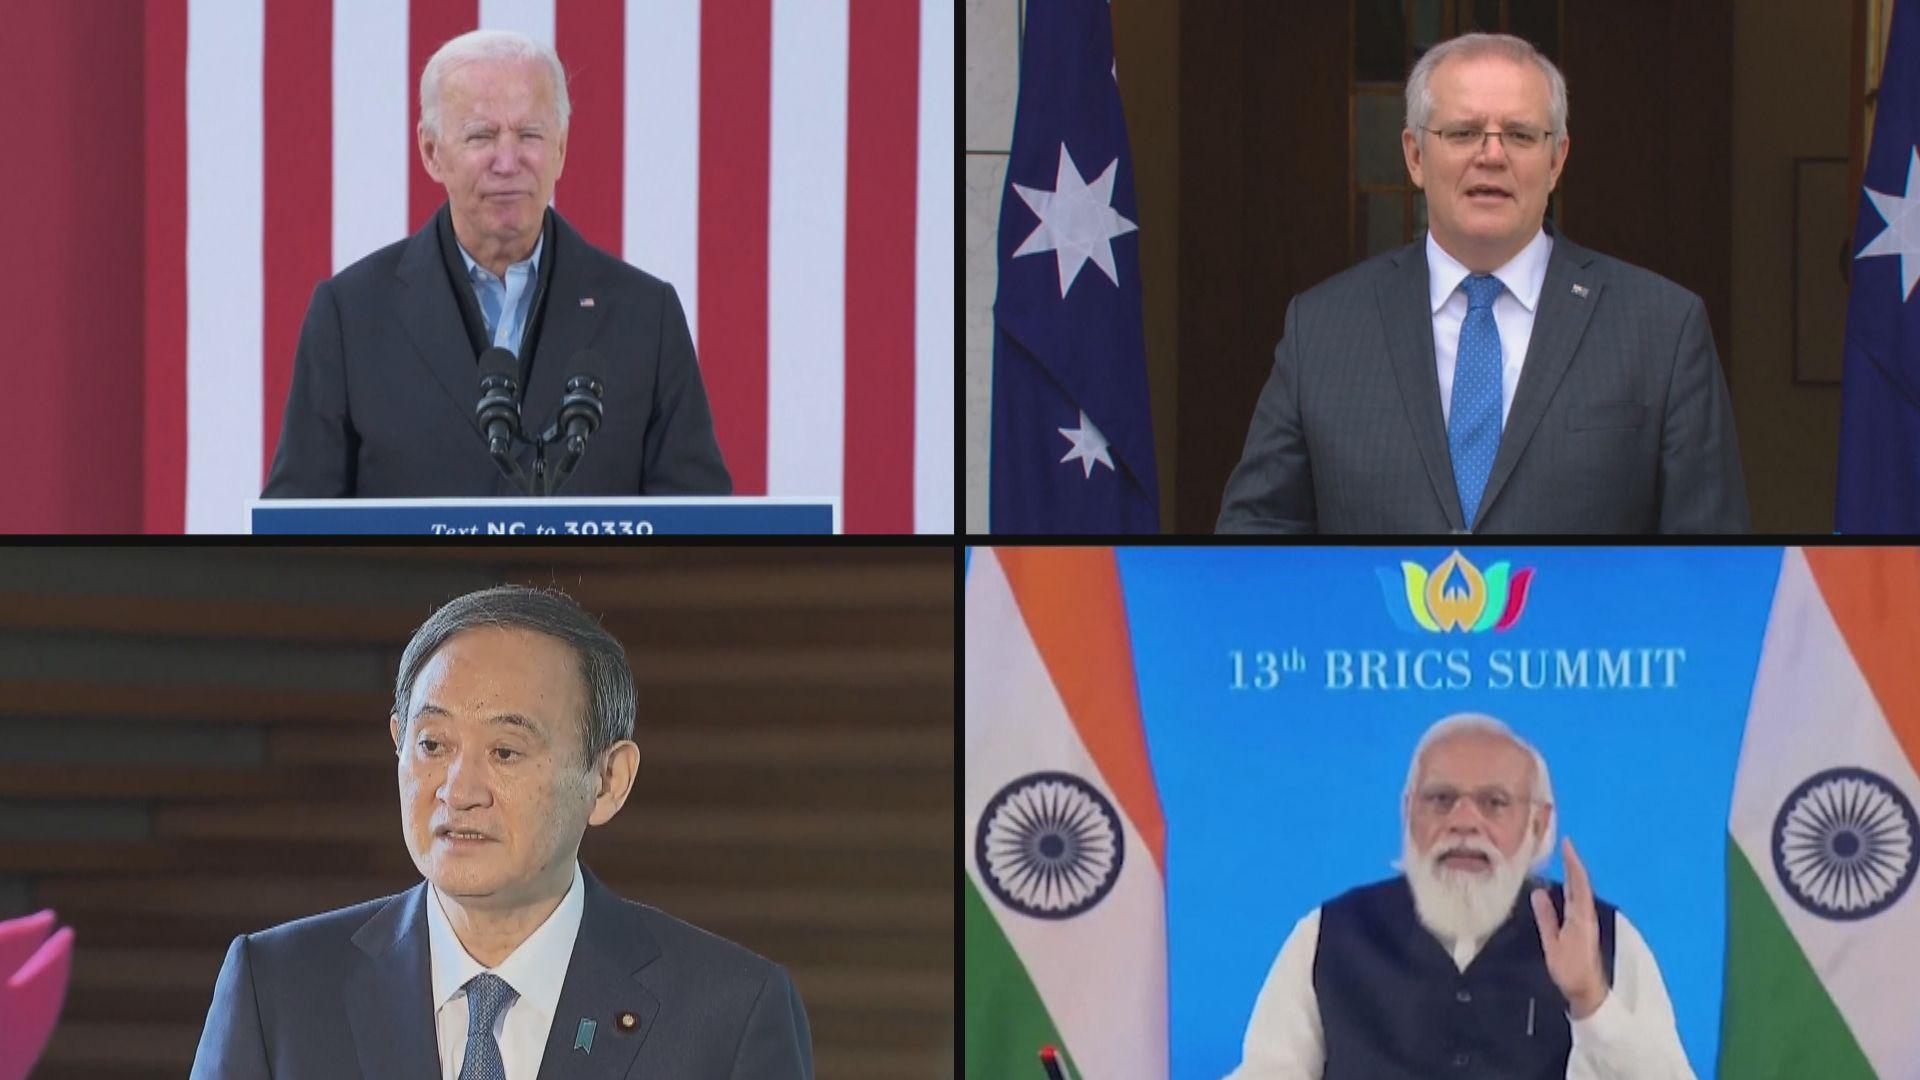 美澳日印安全對話下周舉行 中國稱針對他國的小圈子沒有出路